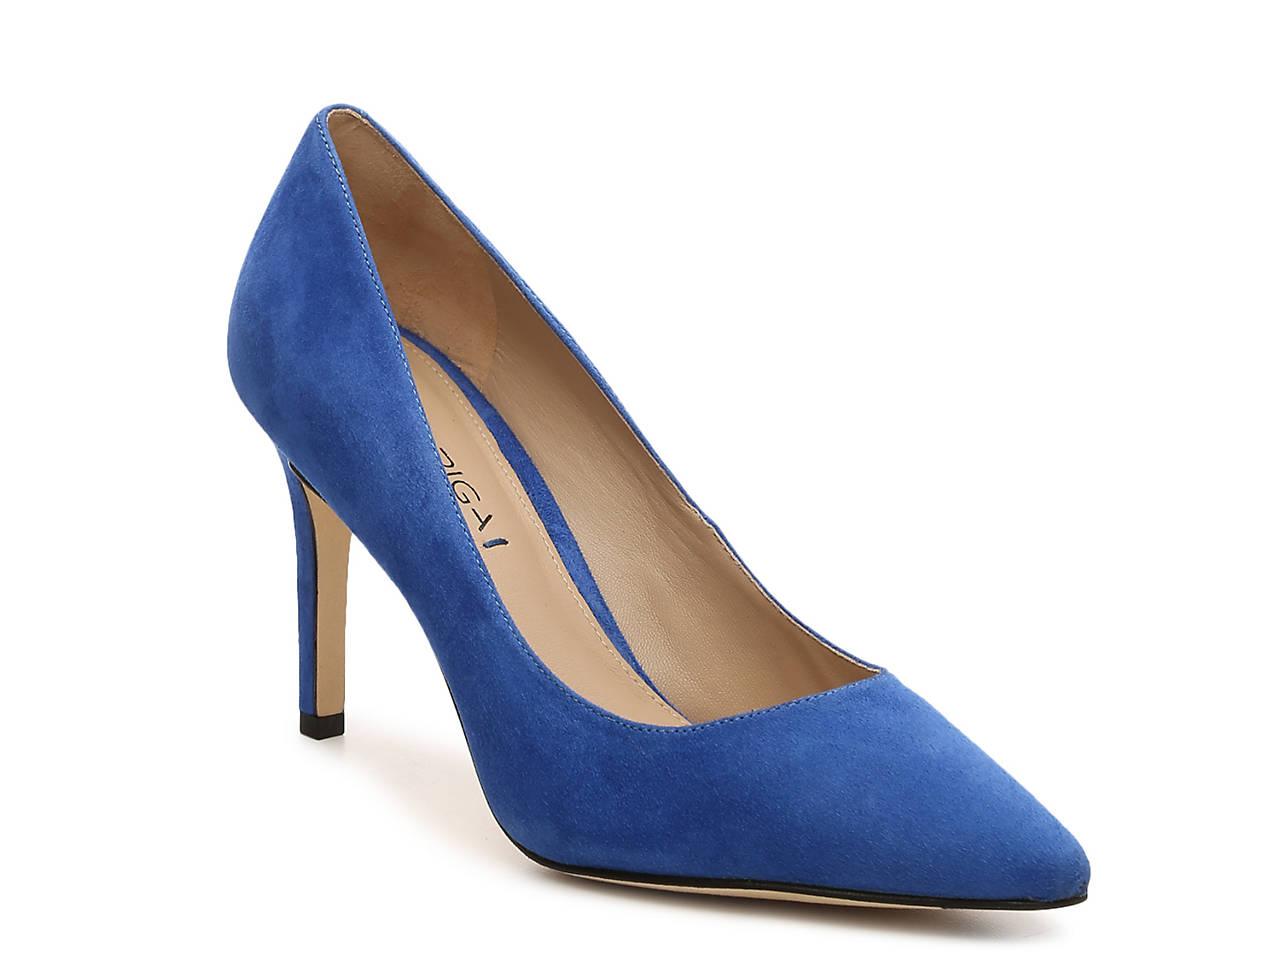 7a79354a3ebd Via Spiga Carola Suede Pump Women s Shoes